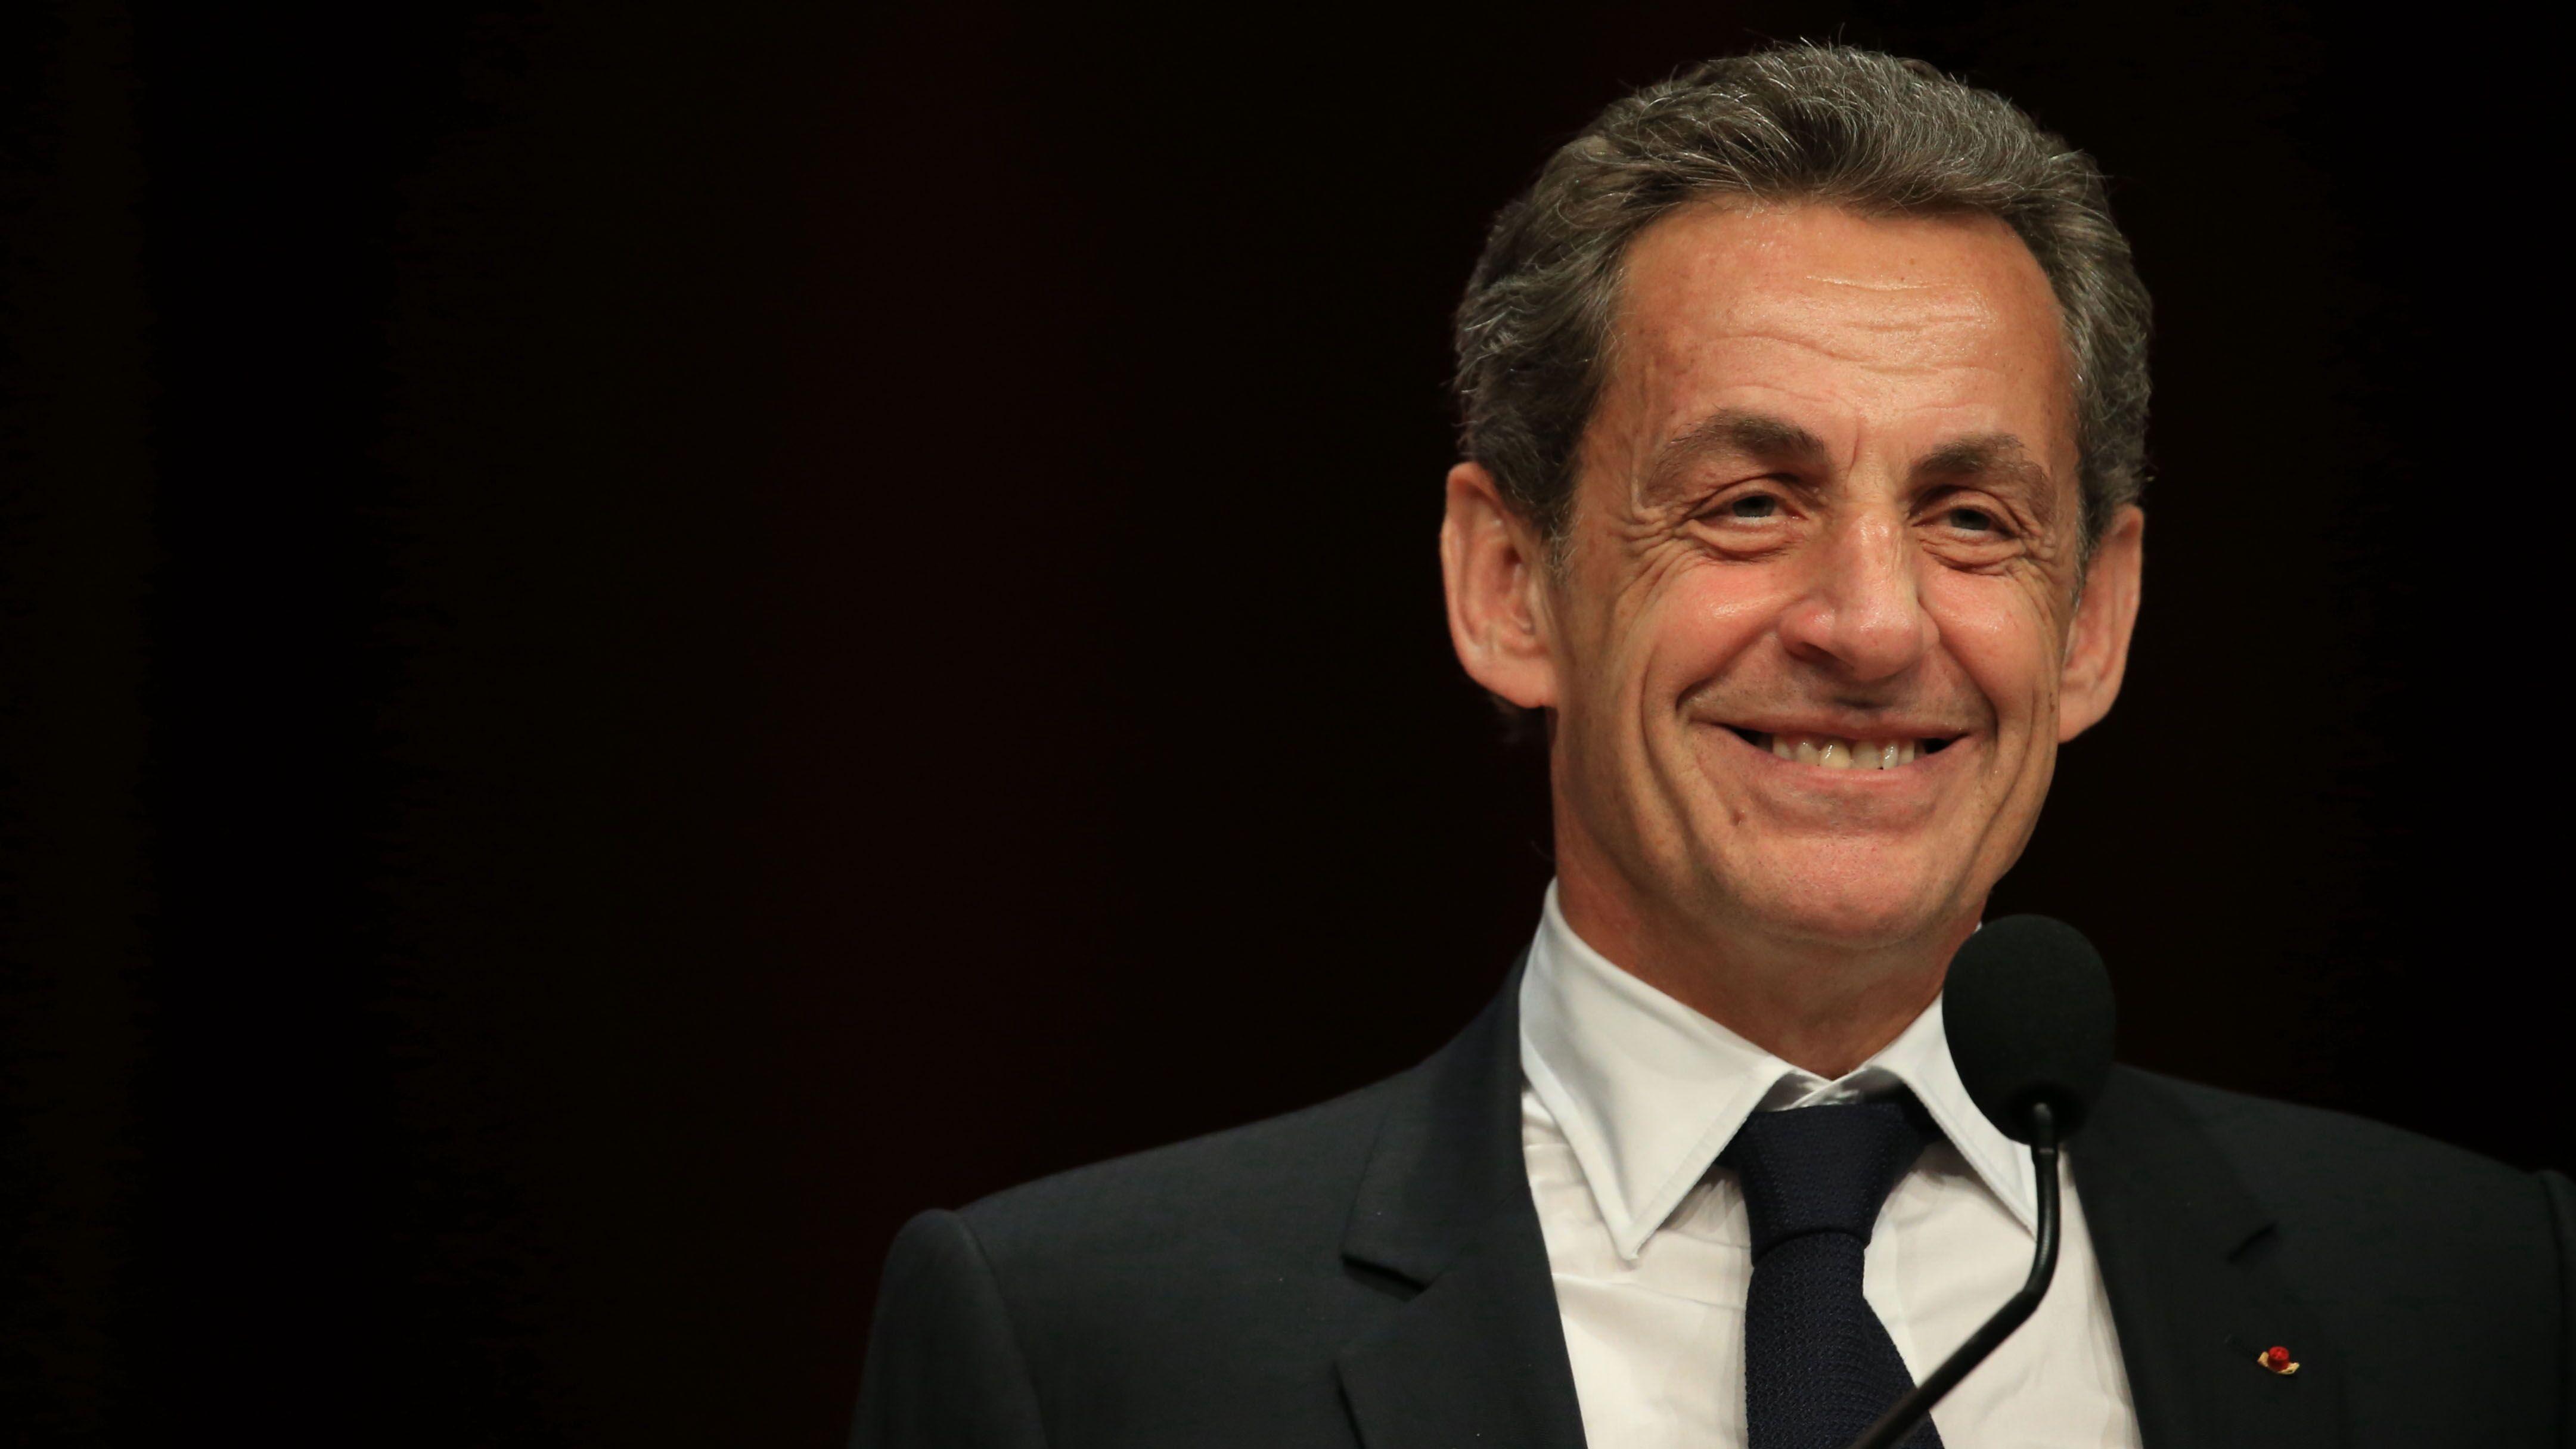 Nicolas Sarkozy Tres Gene Une Fan Le Drague Ouvertement Lors D Une Seance De Dedicace Voici